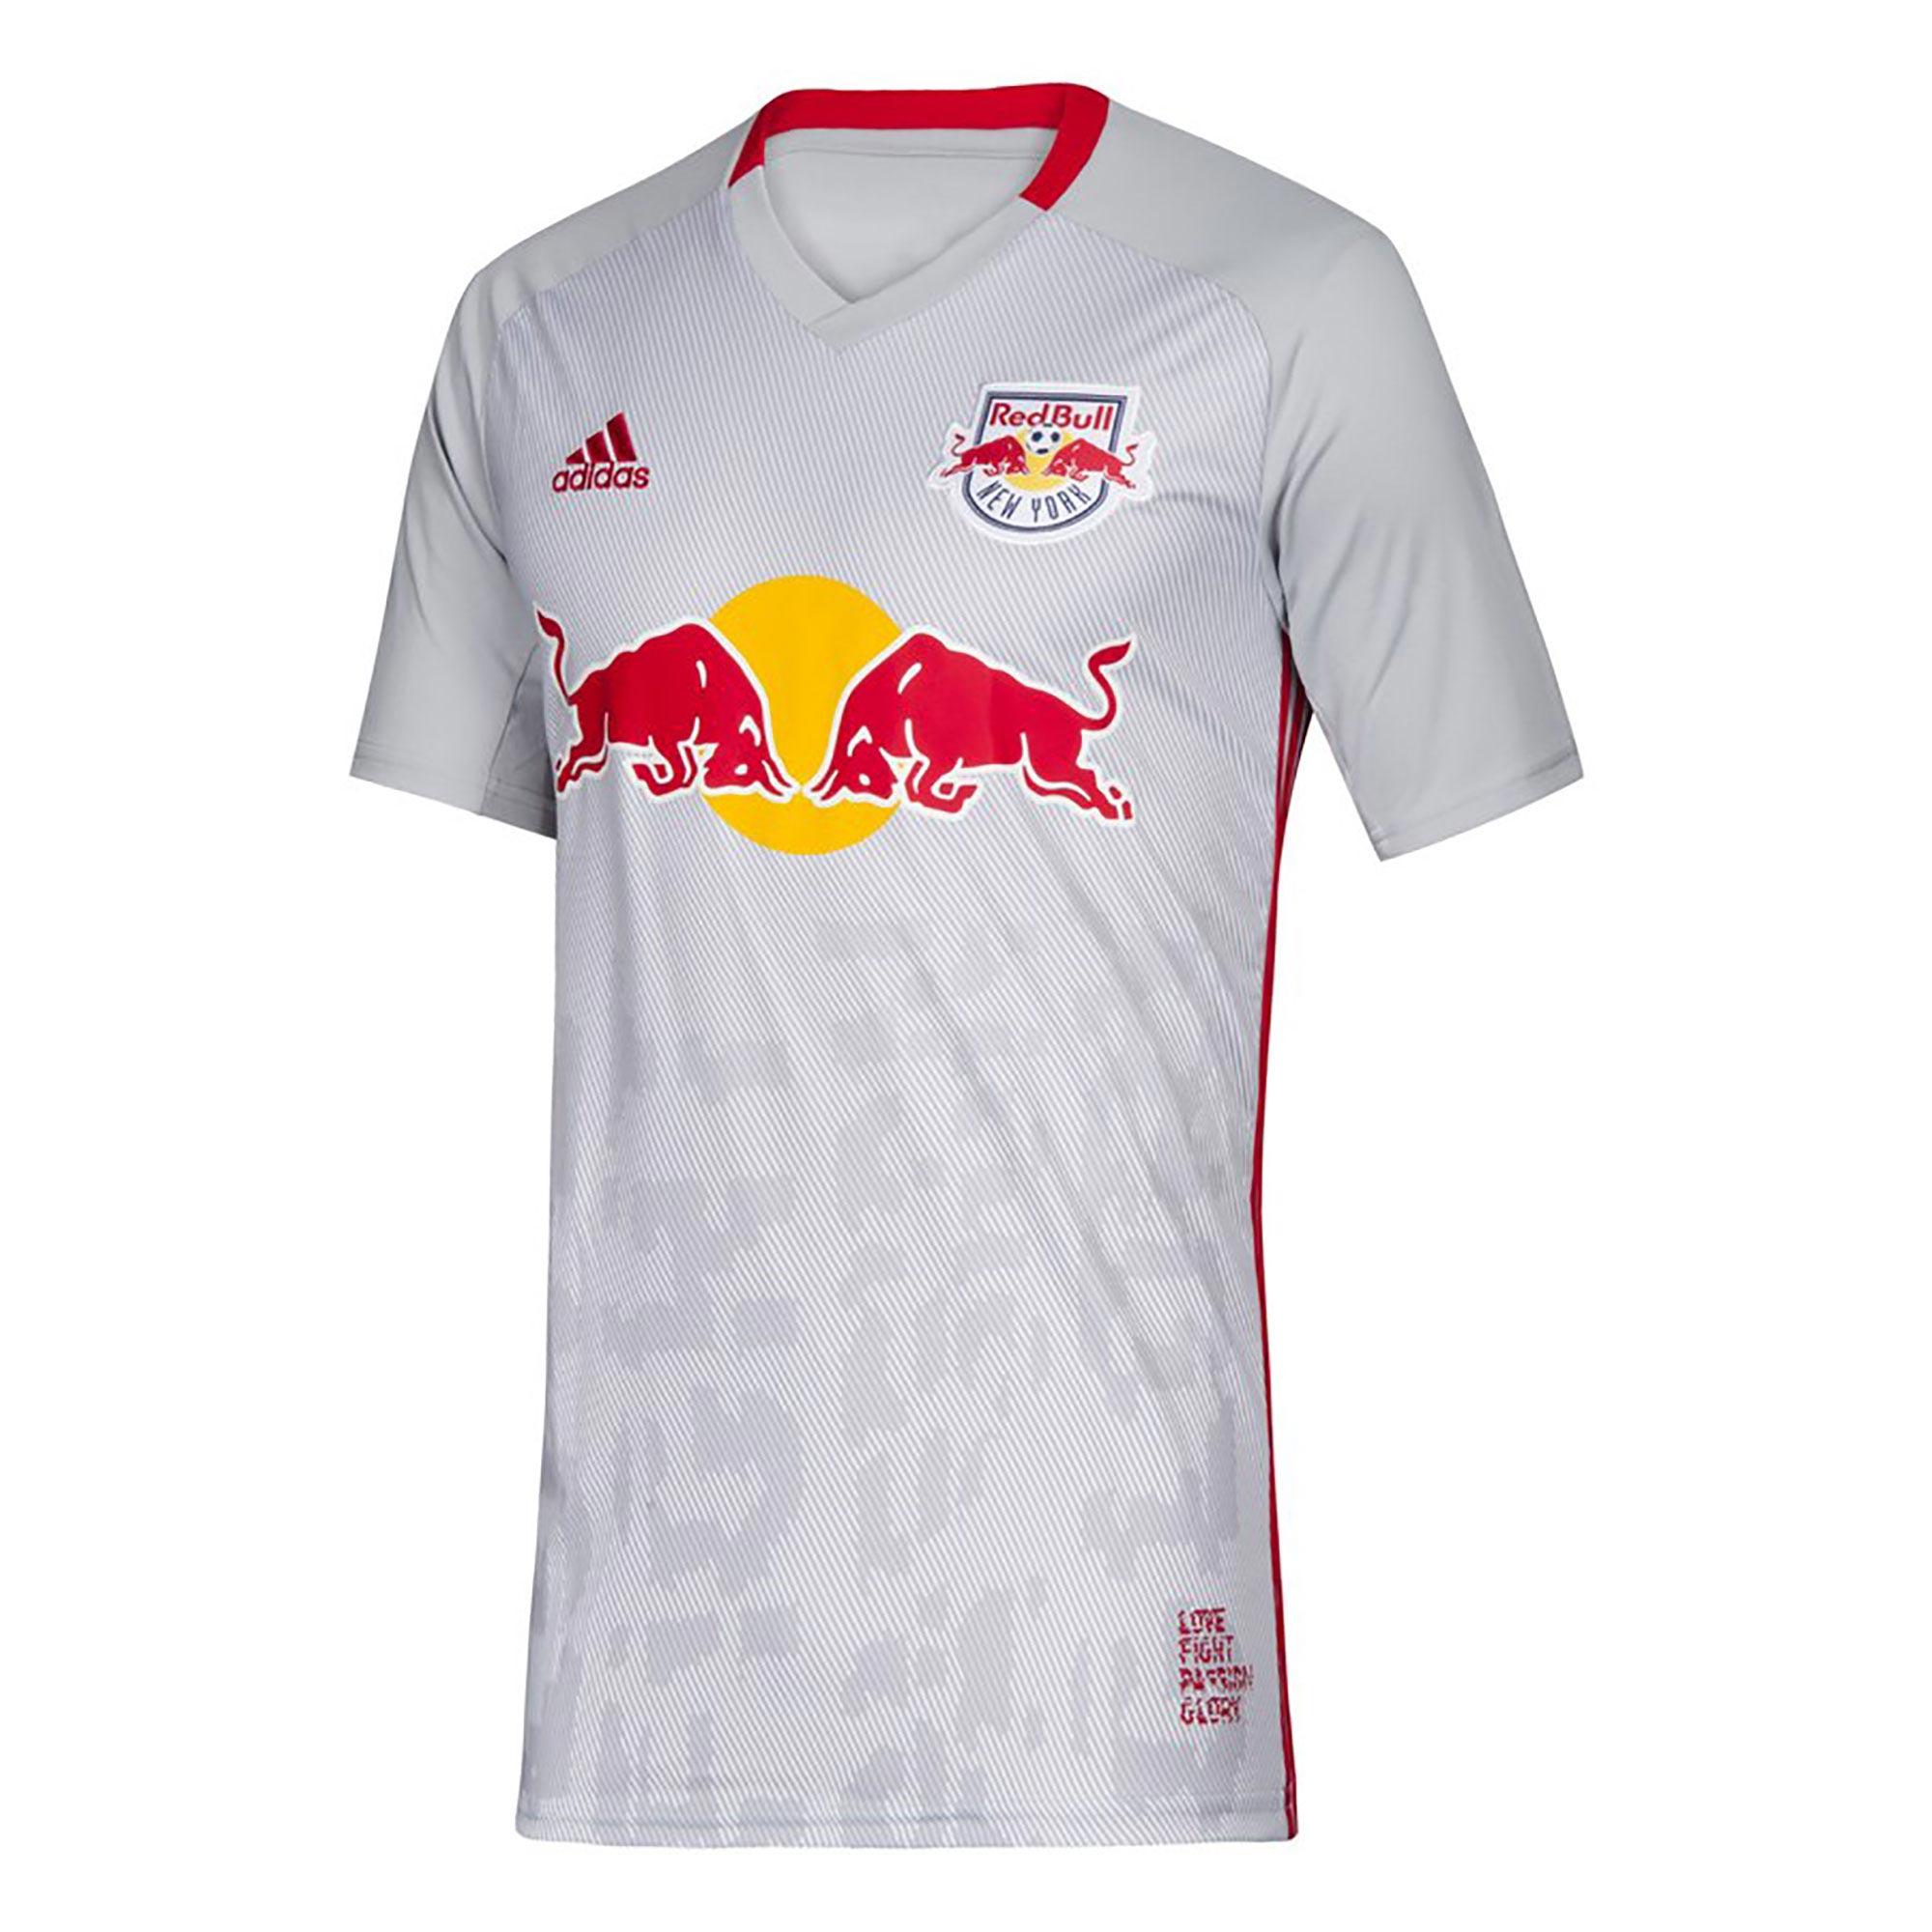 New York Red Bulls Primary Shirt 2019